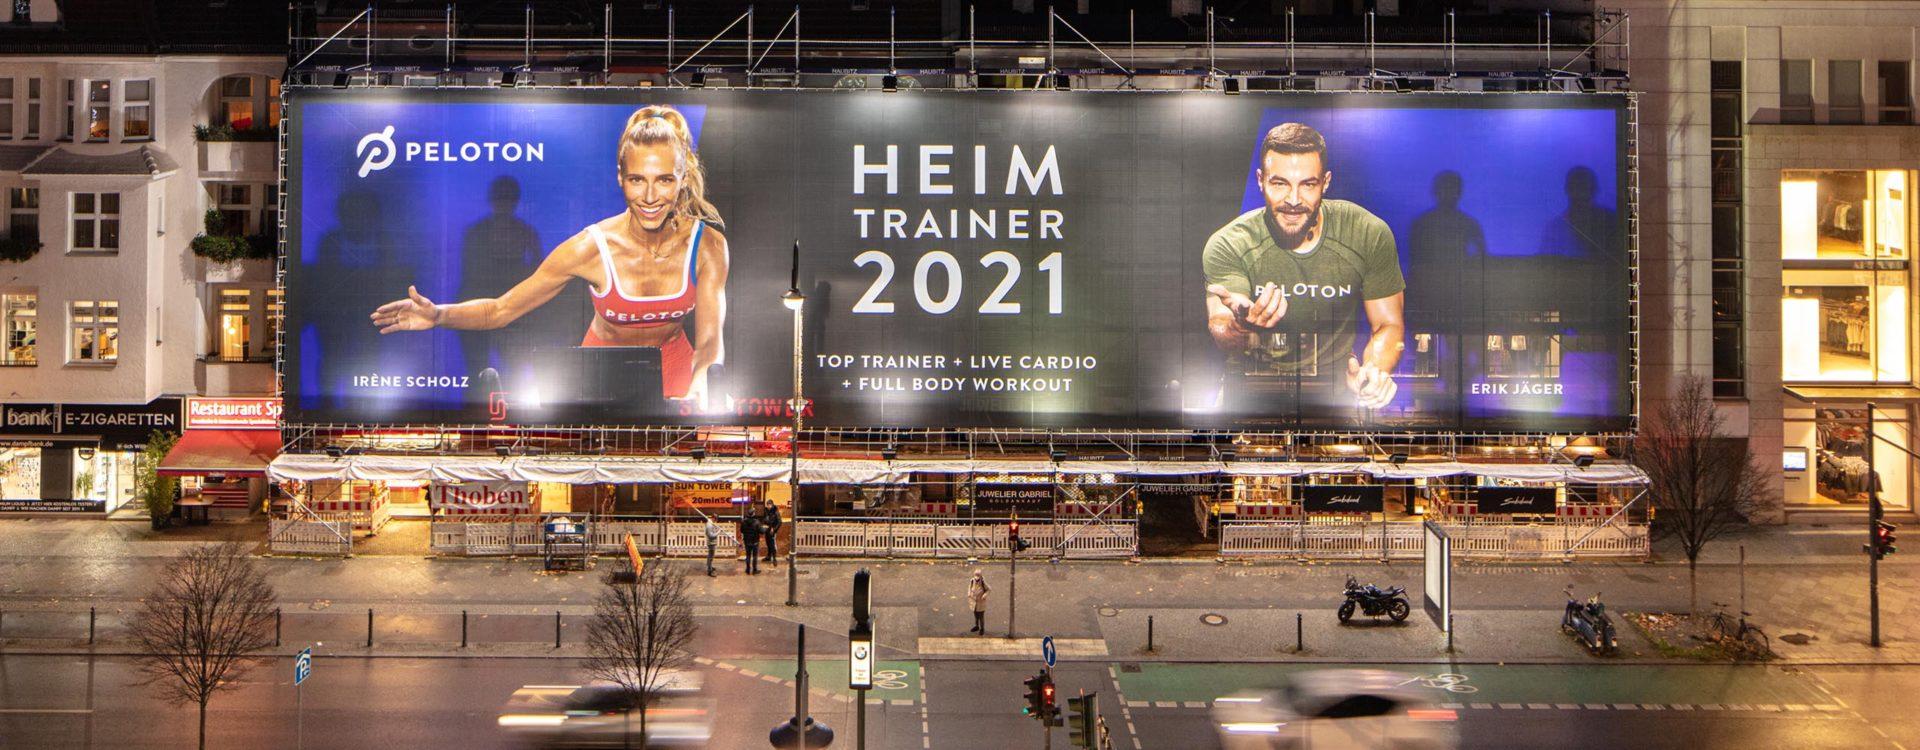 Riesenposter für Peloton in der Berliner Schlossstraße